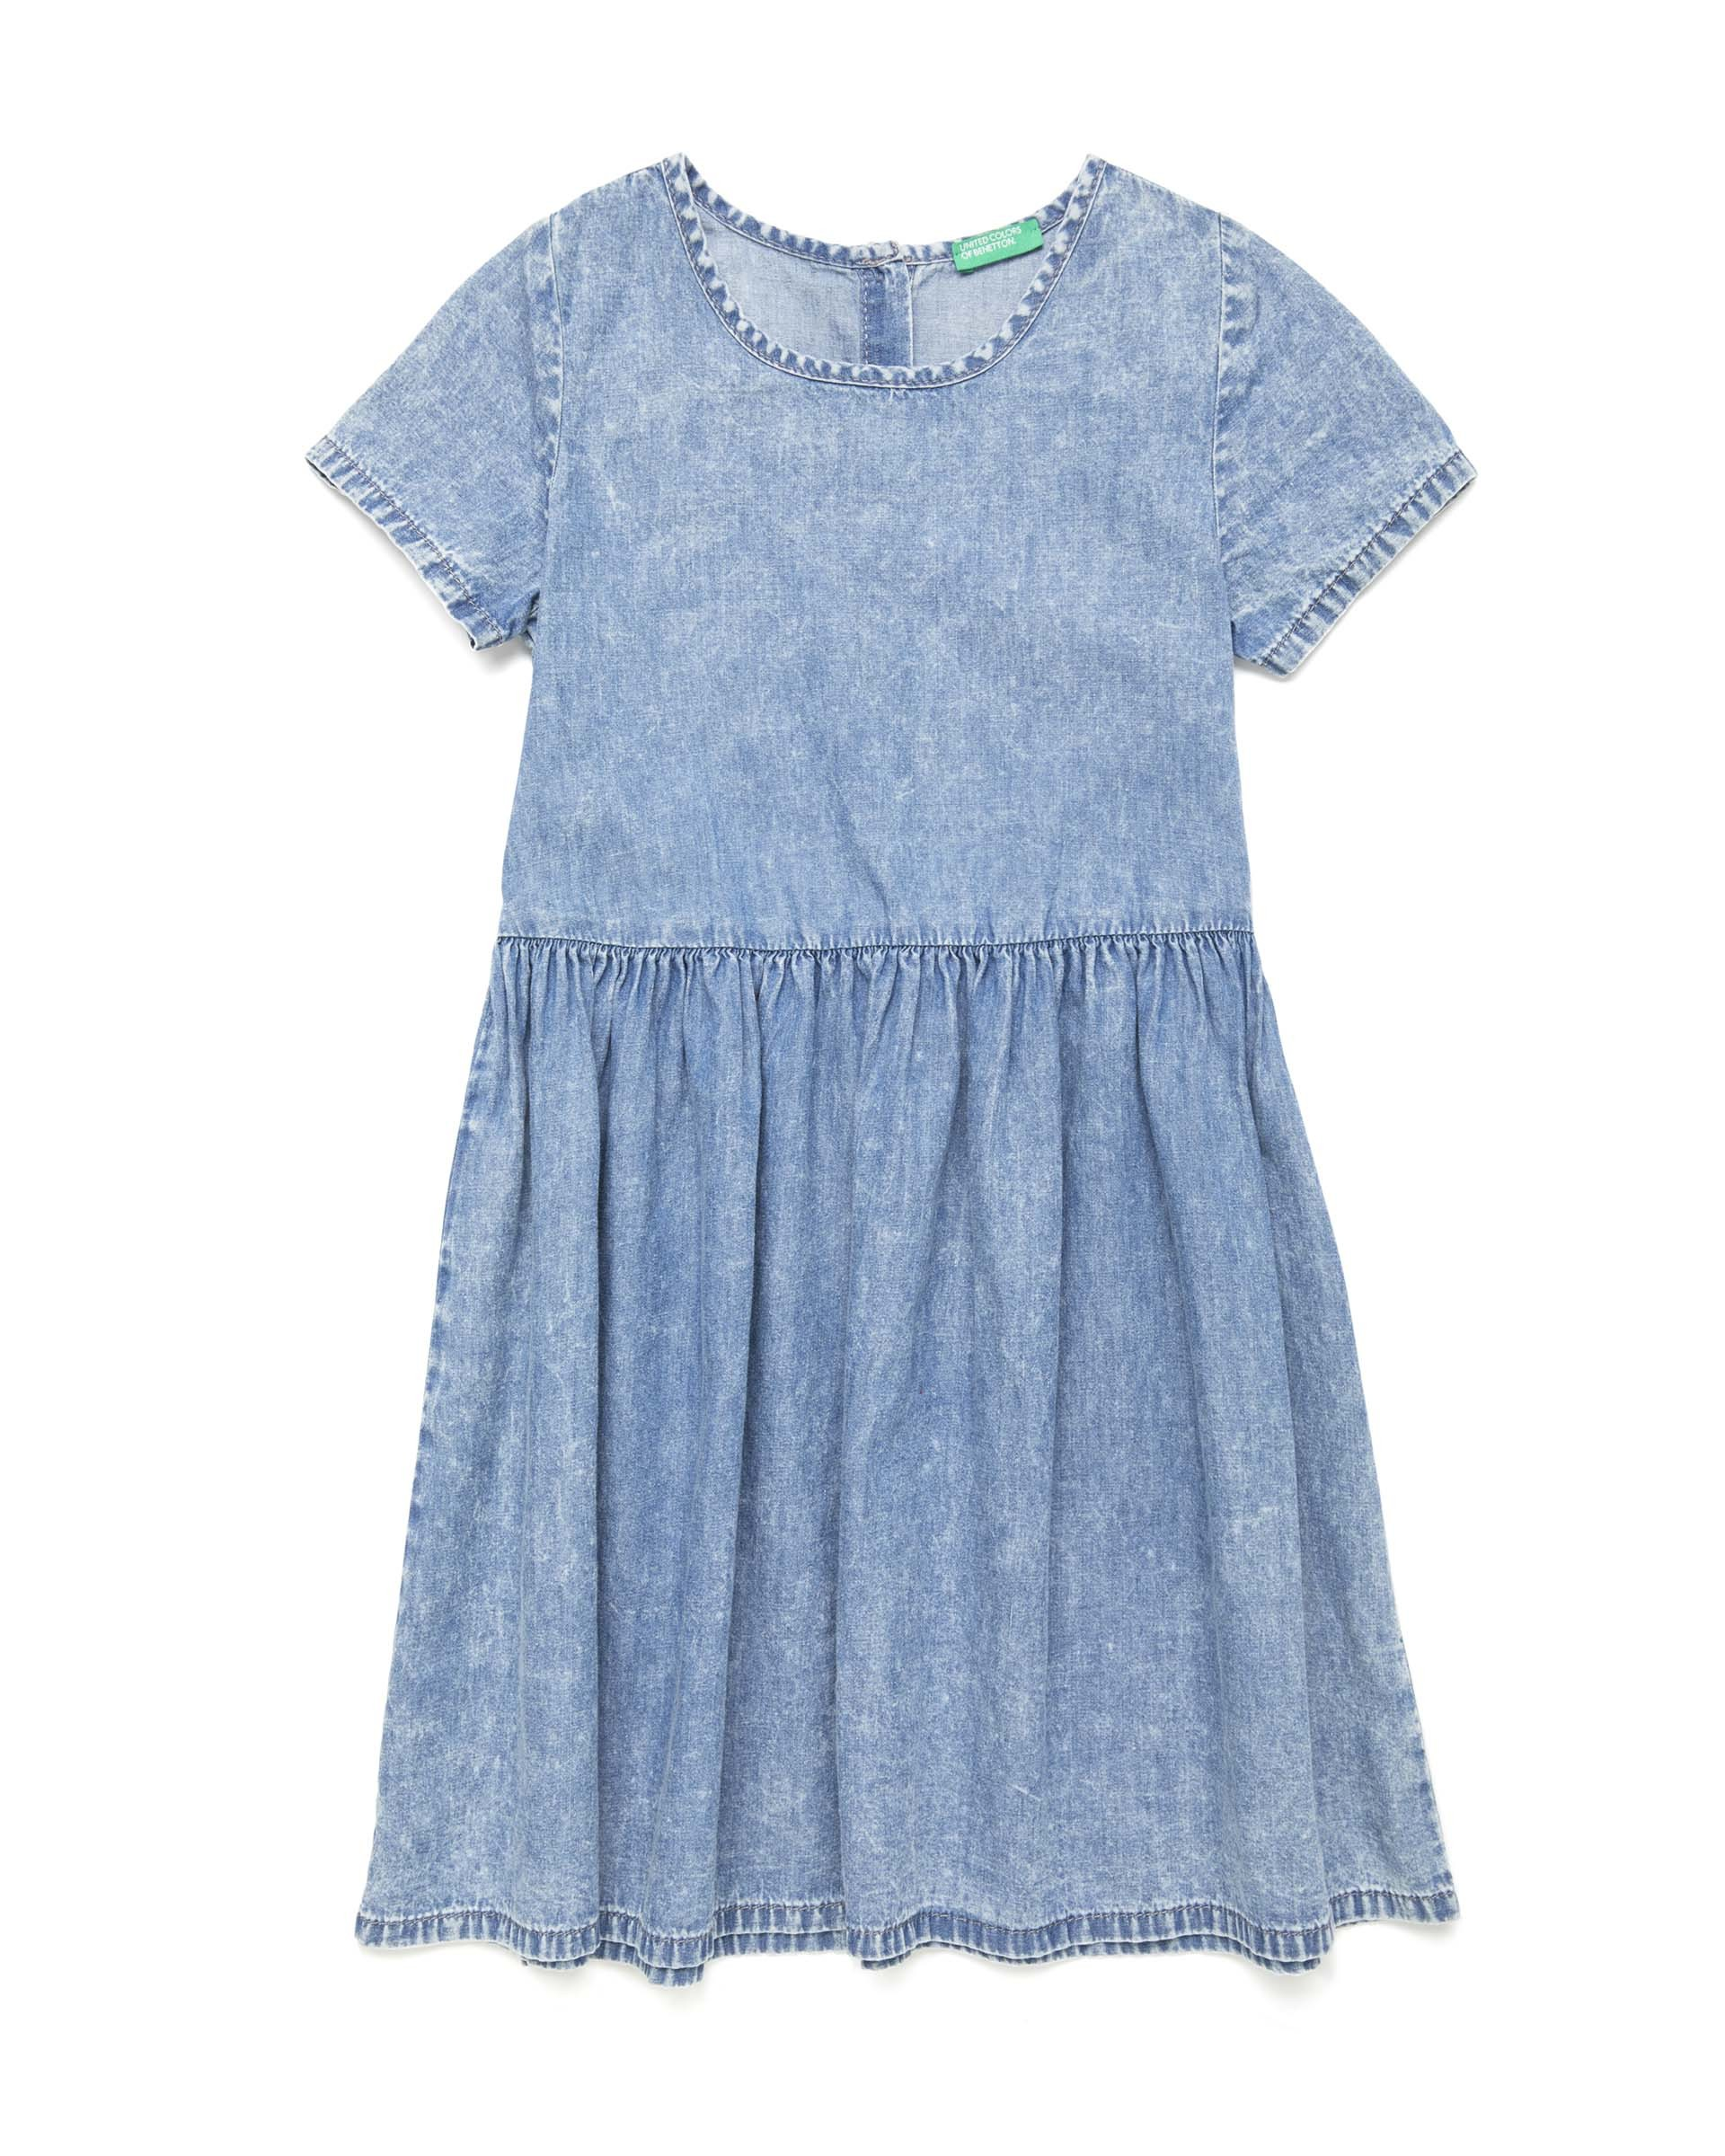 Купить 20P_4DHJ5VDD0_901, Платье для девочек Benetton 4DHJ5VDD0_901 р-р 140, United Colors of Benetton, Платья для девочек